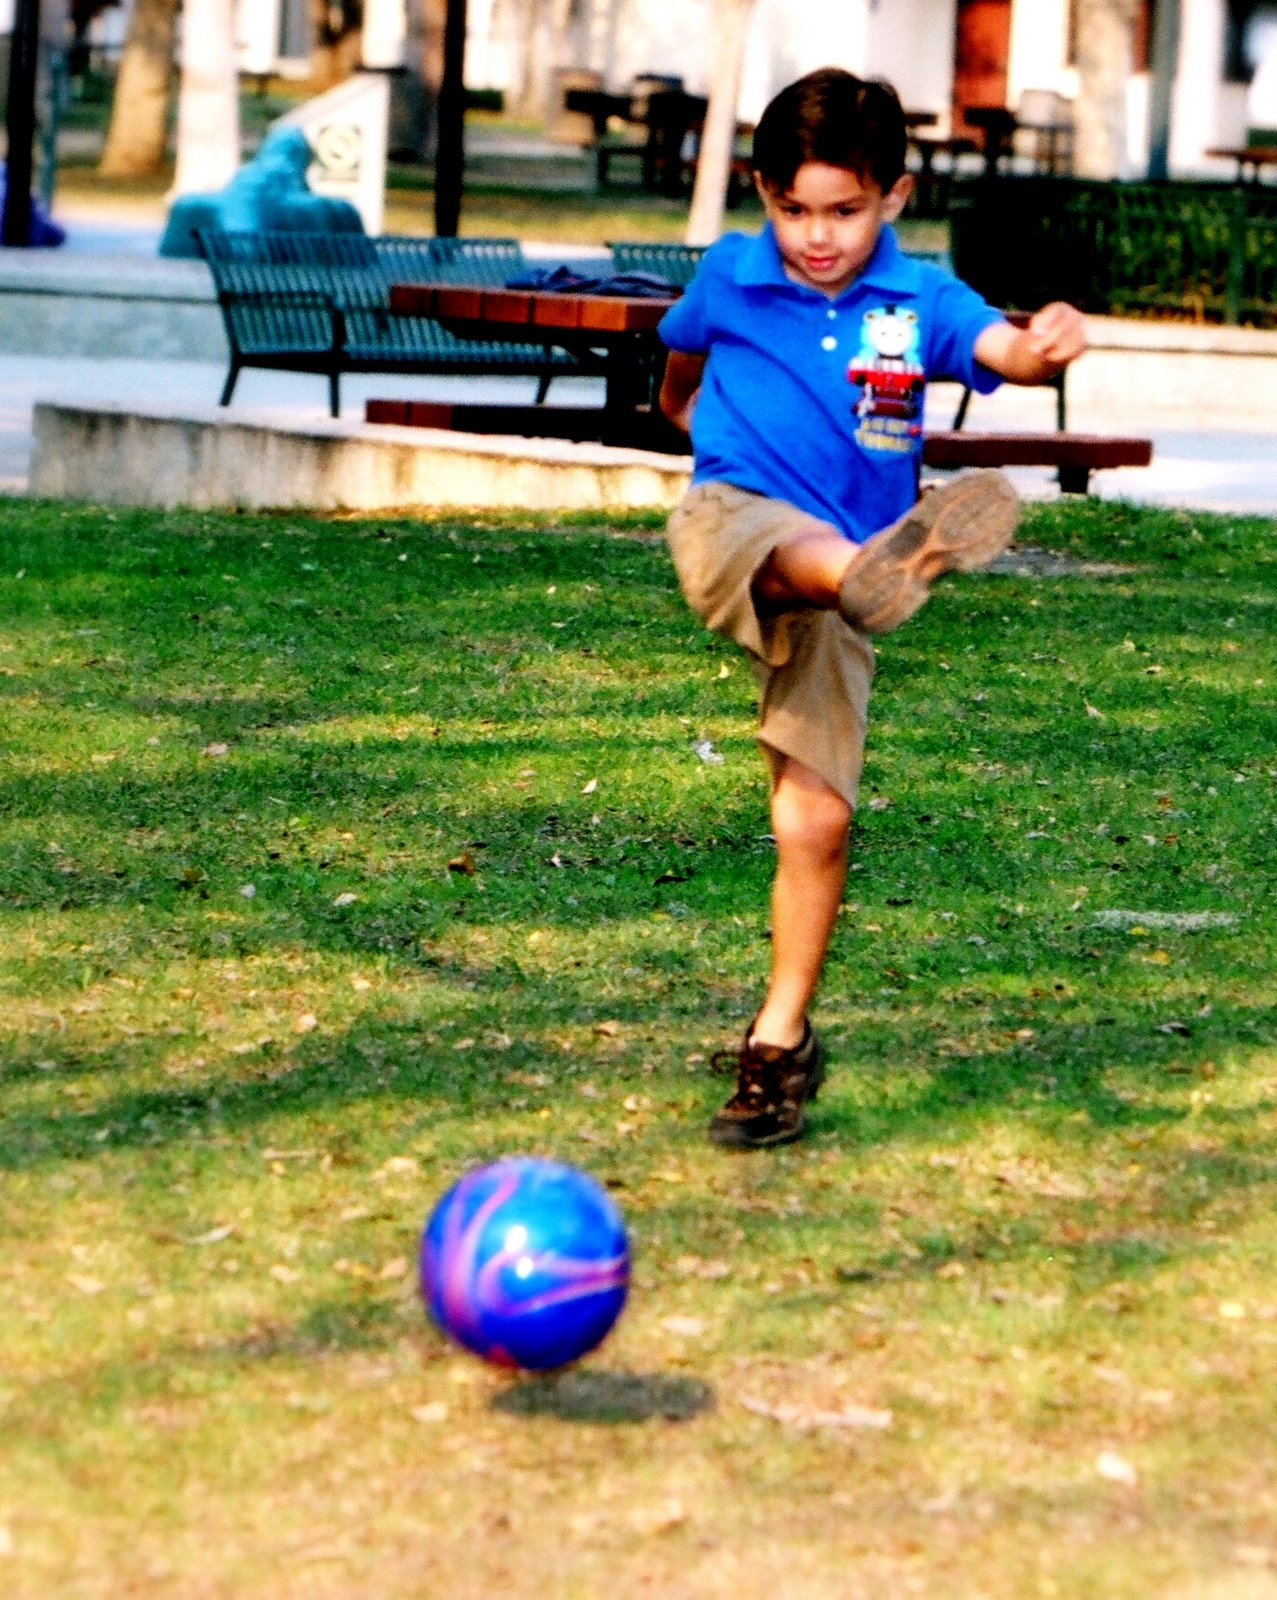 _sanson_kicking__11-19-2008